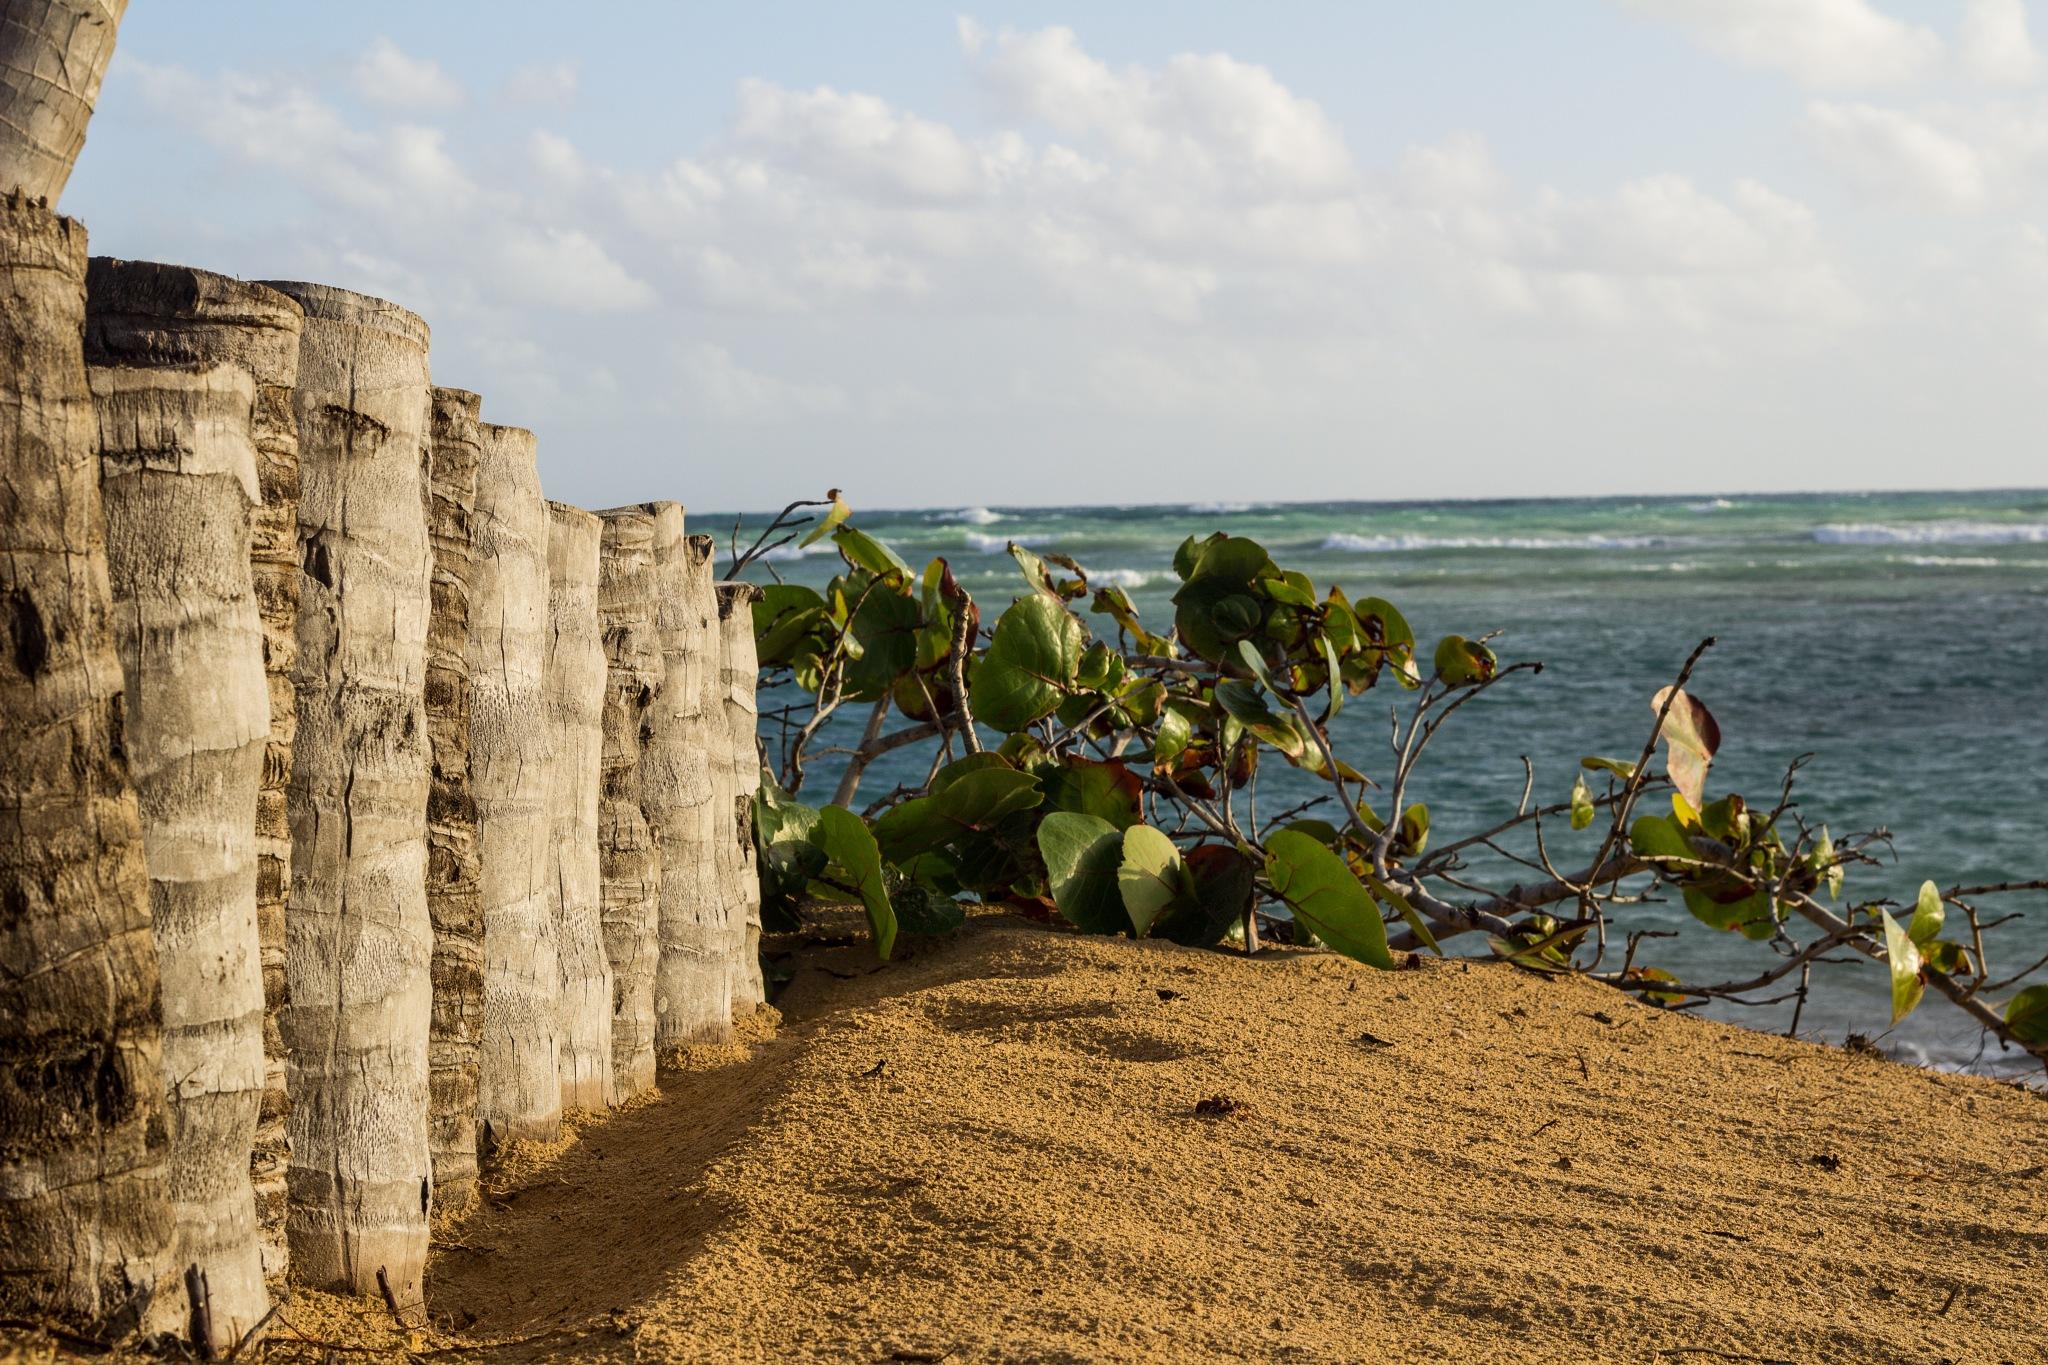 Beach by Monique DeLay Gartner